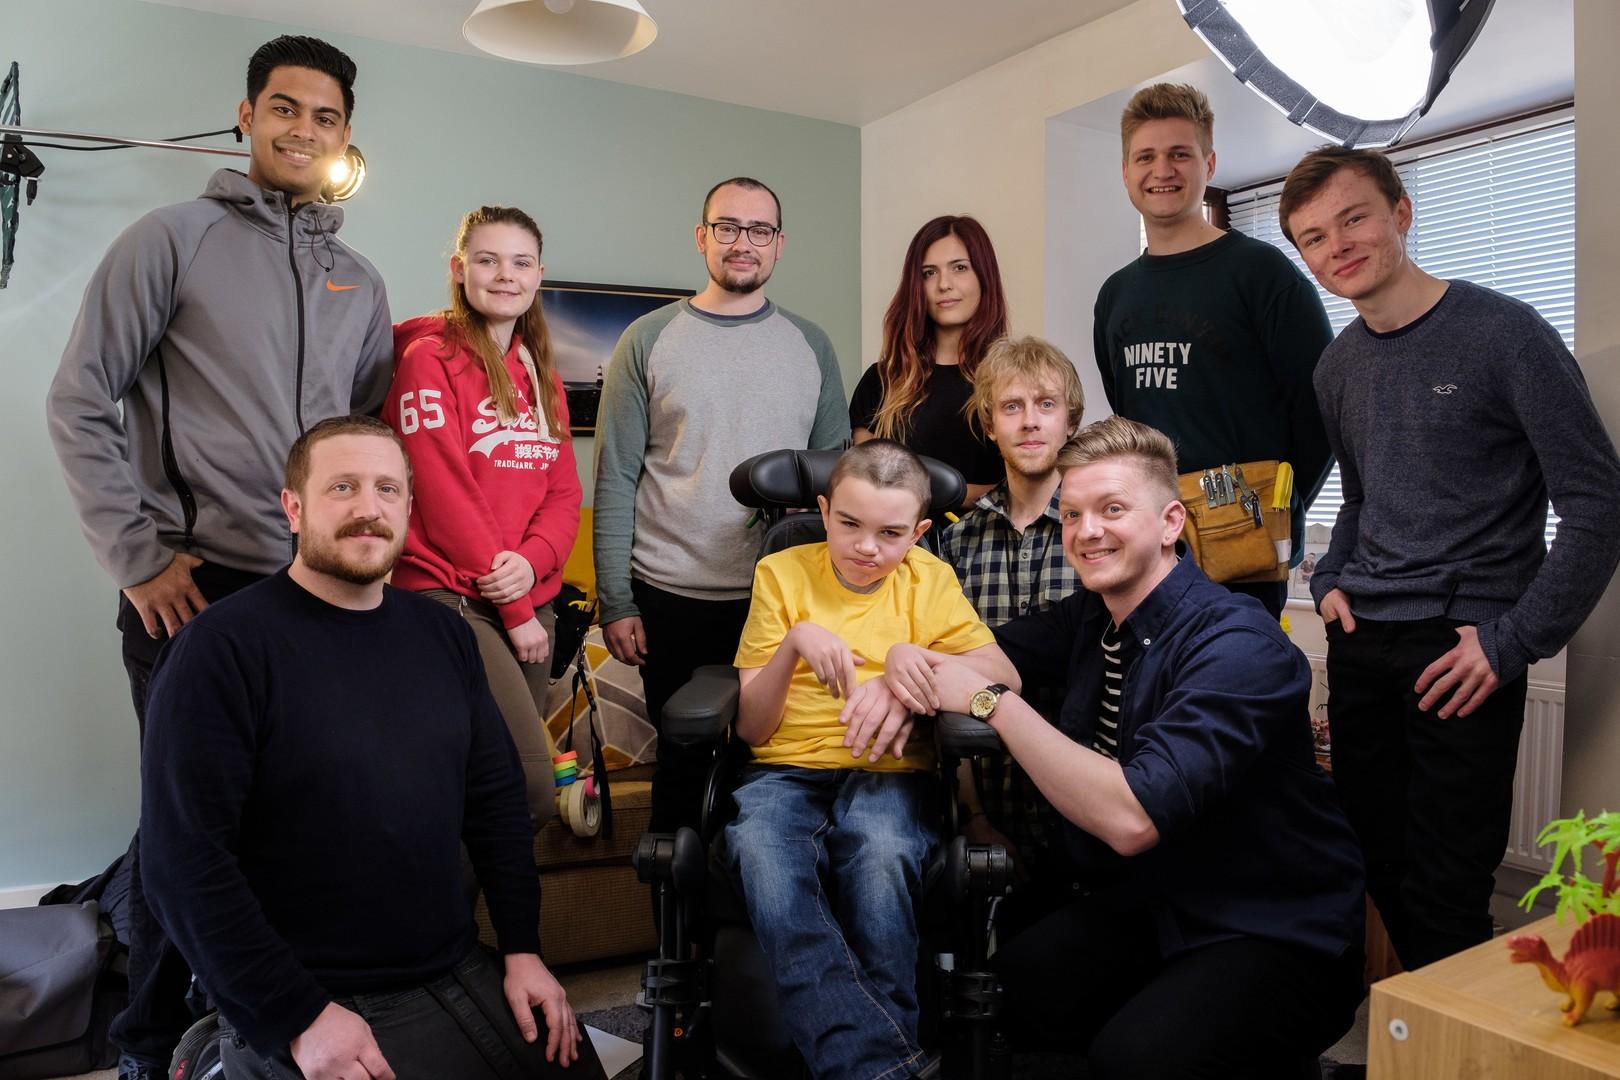 Gruppbild på filmens medverkande. Huvudpersonen sitter i mitten med gul tröja.